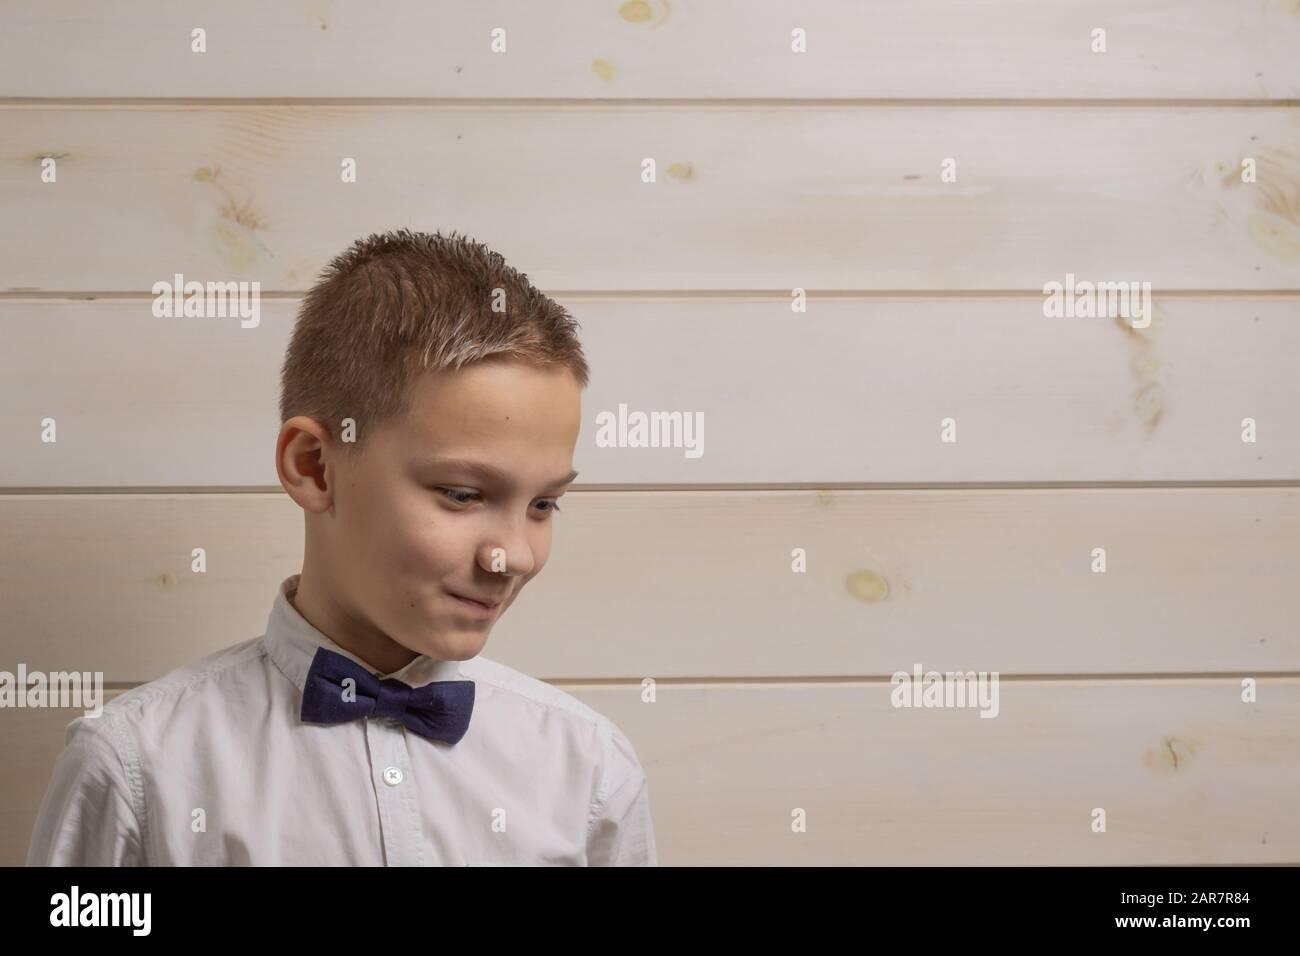 Ein zehnjähriger fadenhaariger Junge in einem weißen Hemd mit der selbstbinderigen Bow Tie lächelt vor dem Hintergrund einer Holzwand Stockfoto